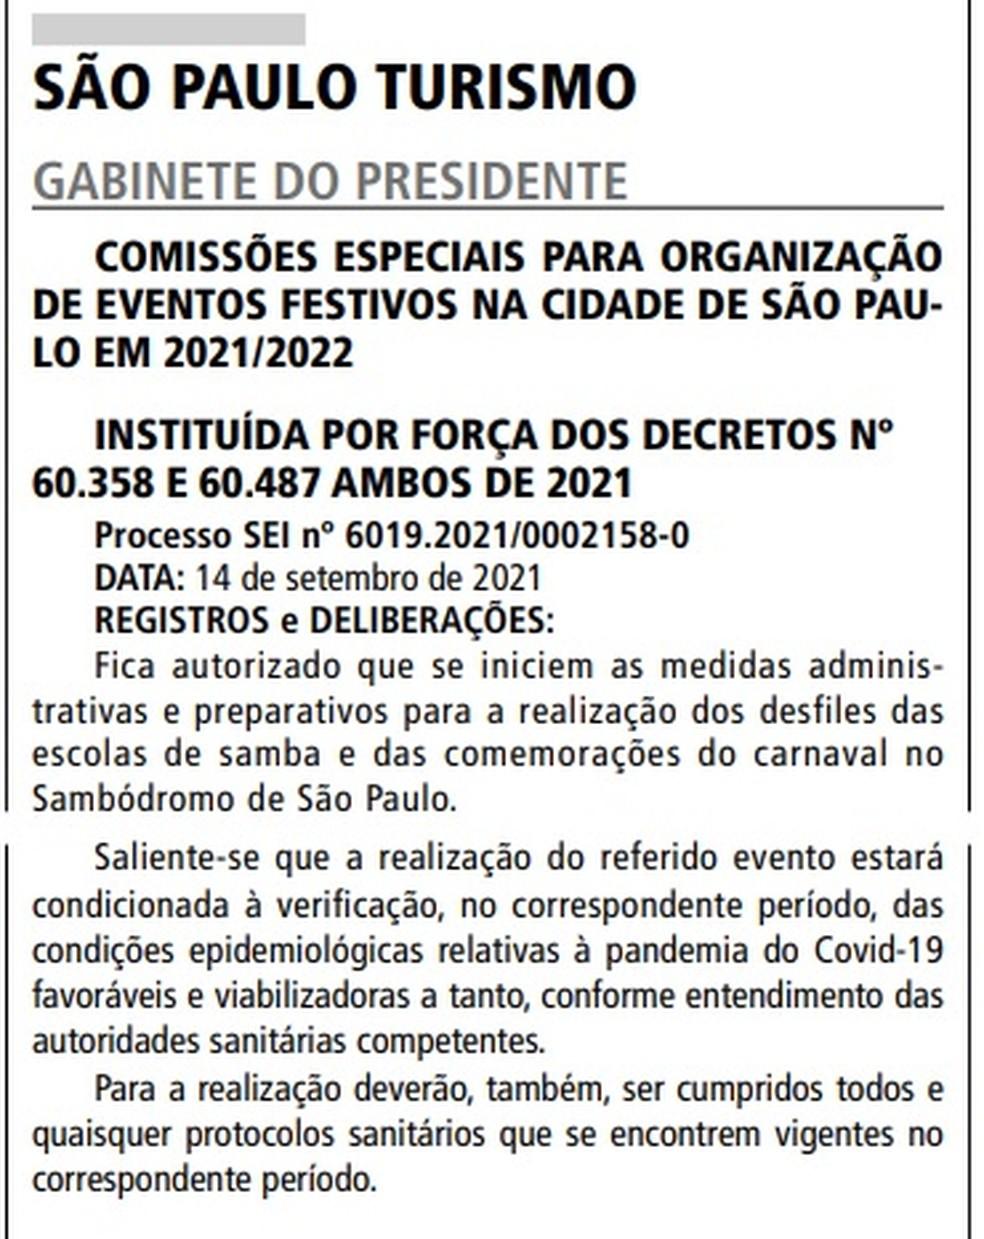 Decreto de carnaval da SPTuris nesta quarta-feira, 15 de setembro de 2021 — Foto: Reprodução